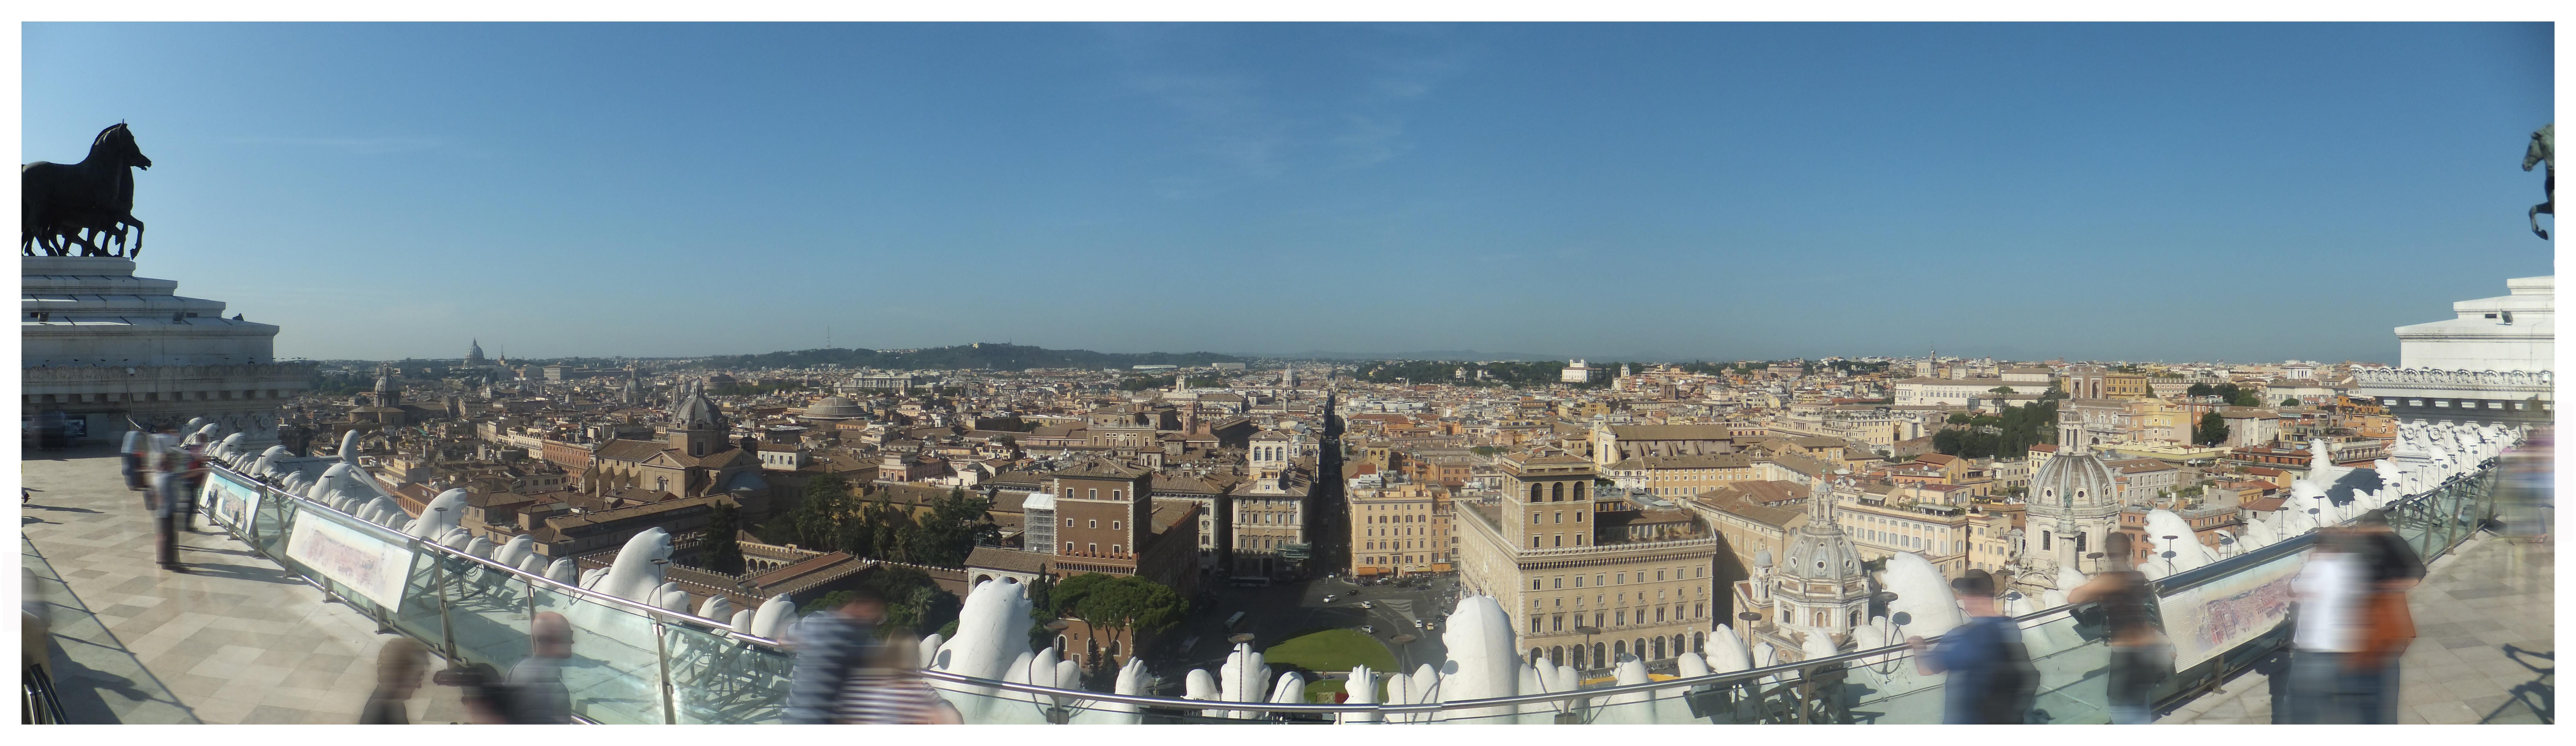 Vittoriano Museum Roof Terrace Pano